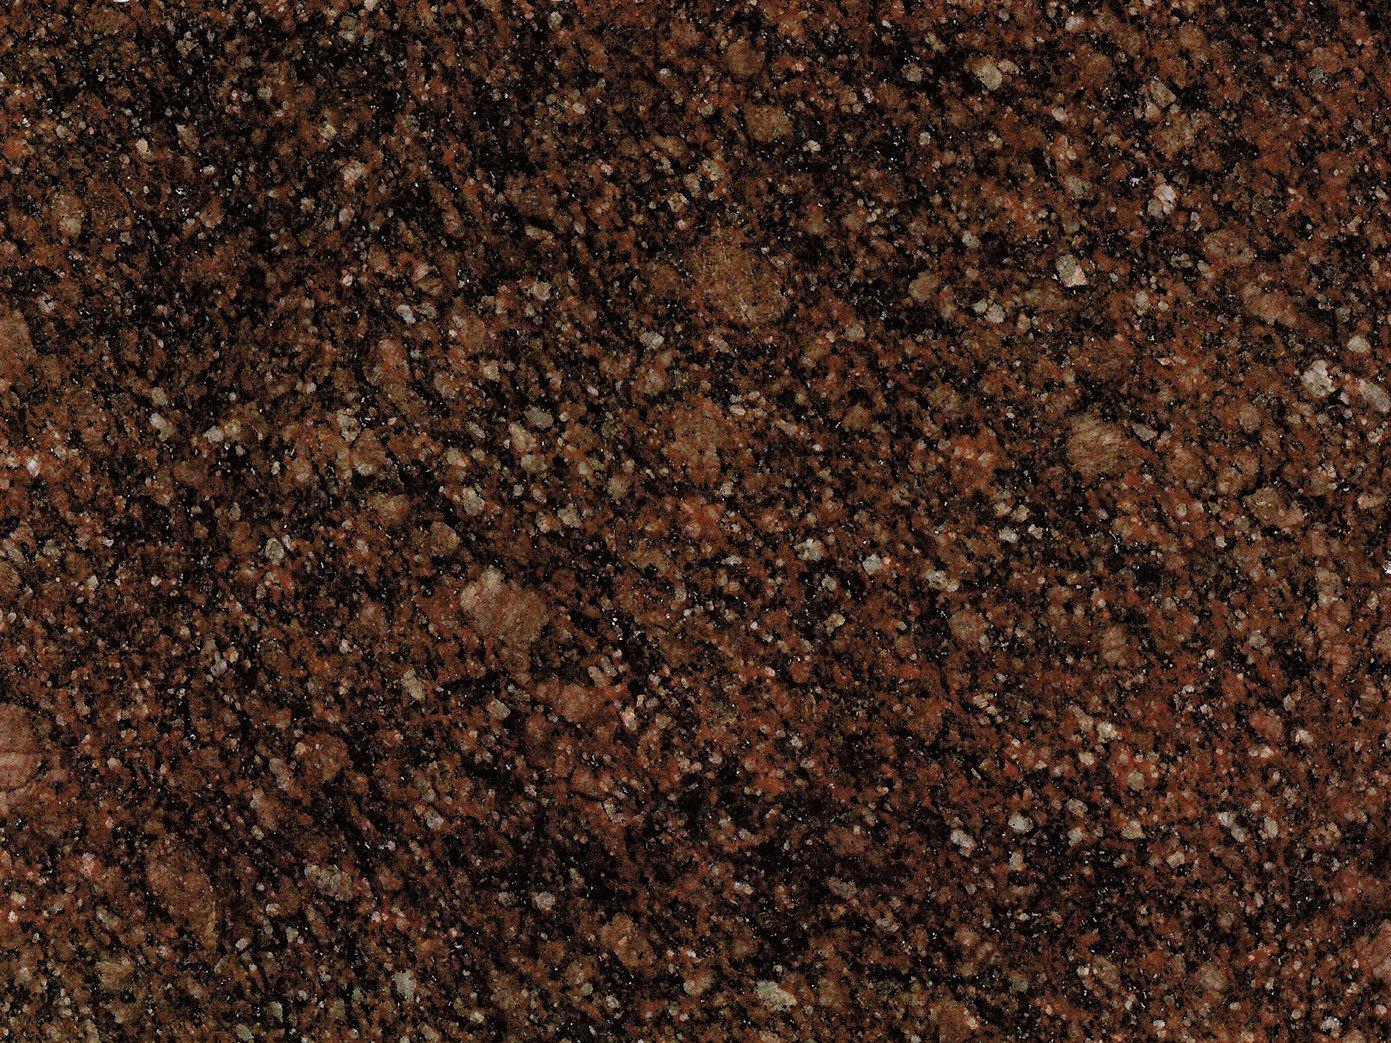 коричнево-красный гранит токовского месторождения